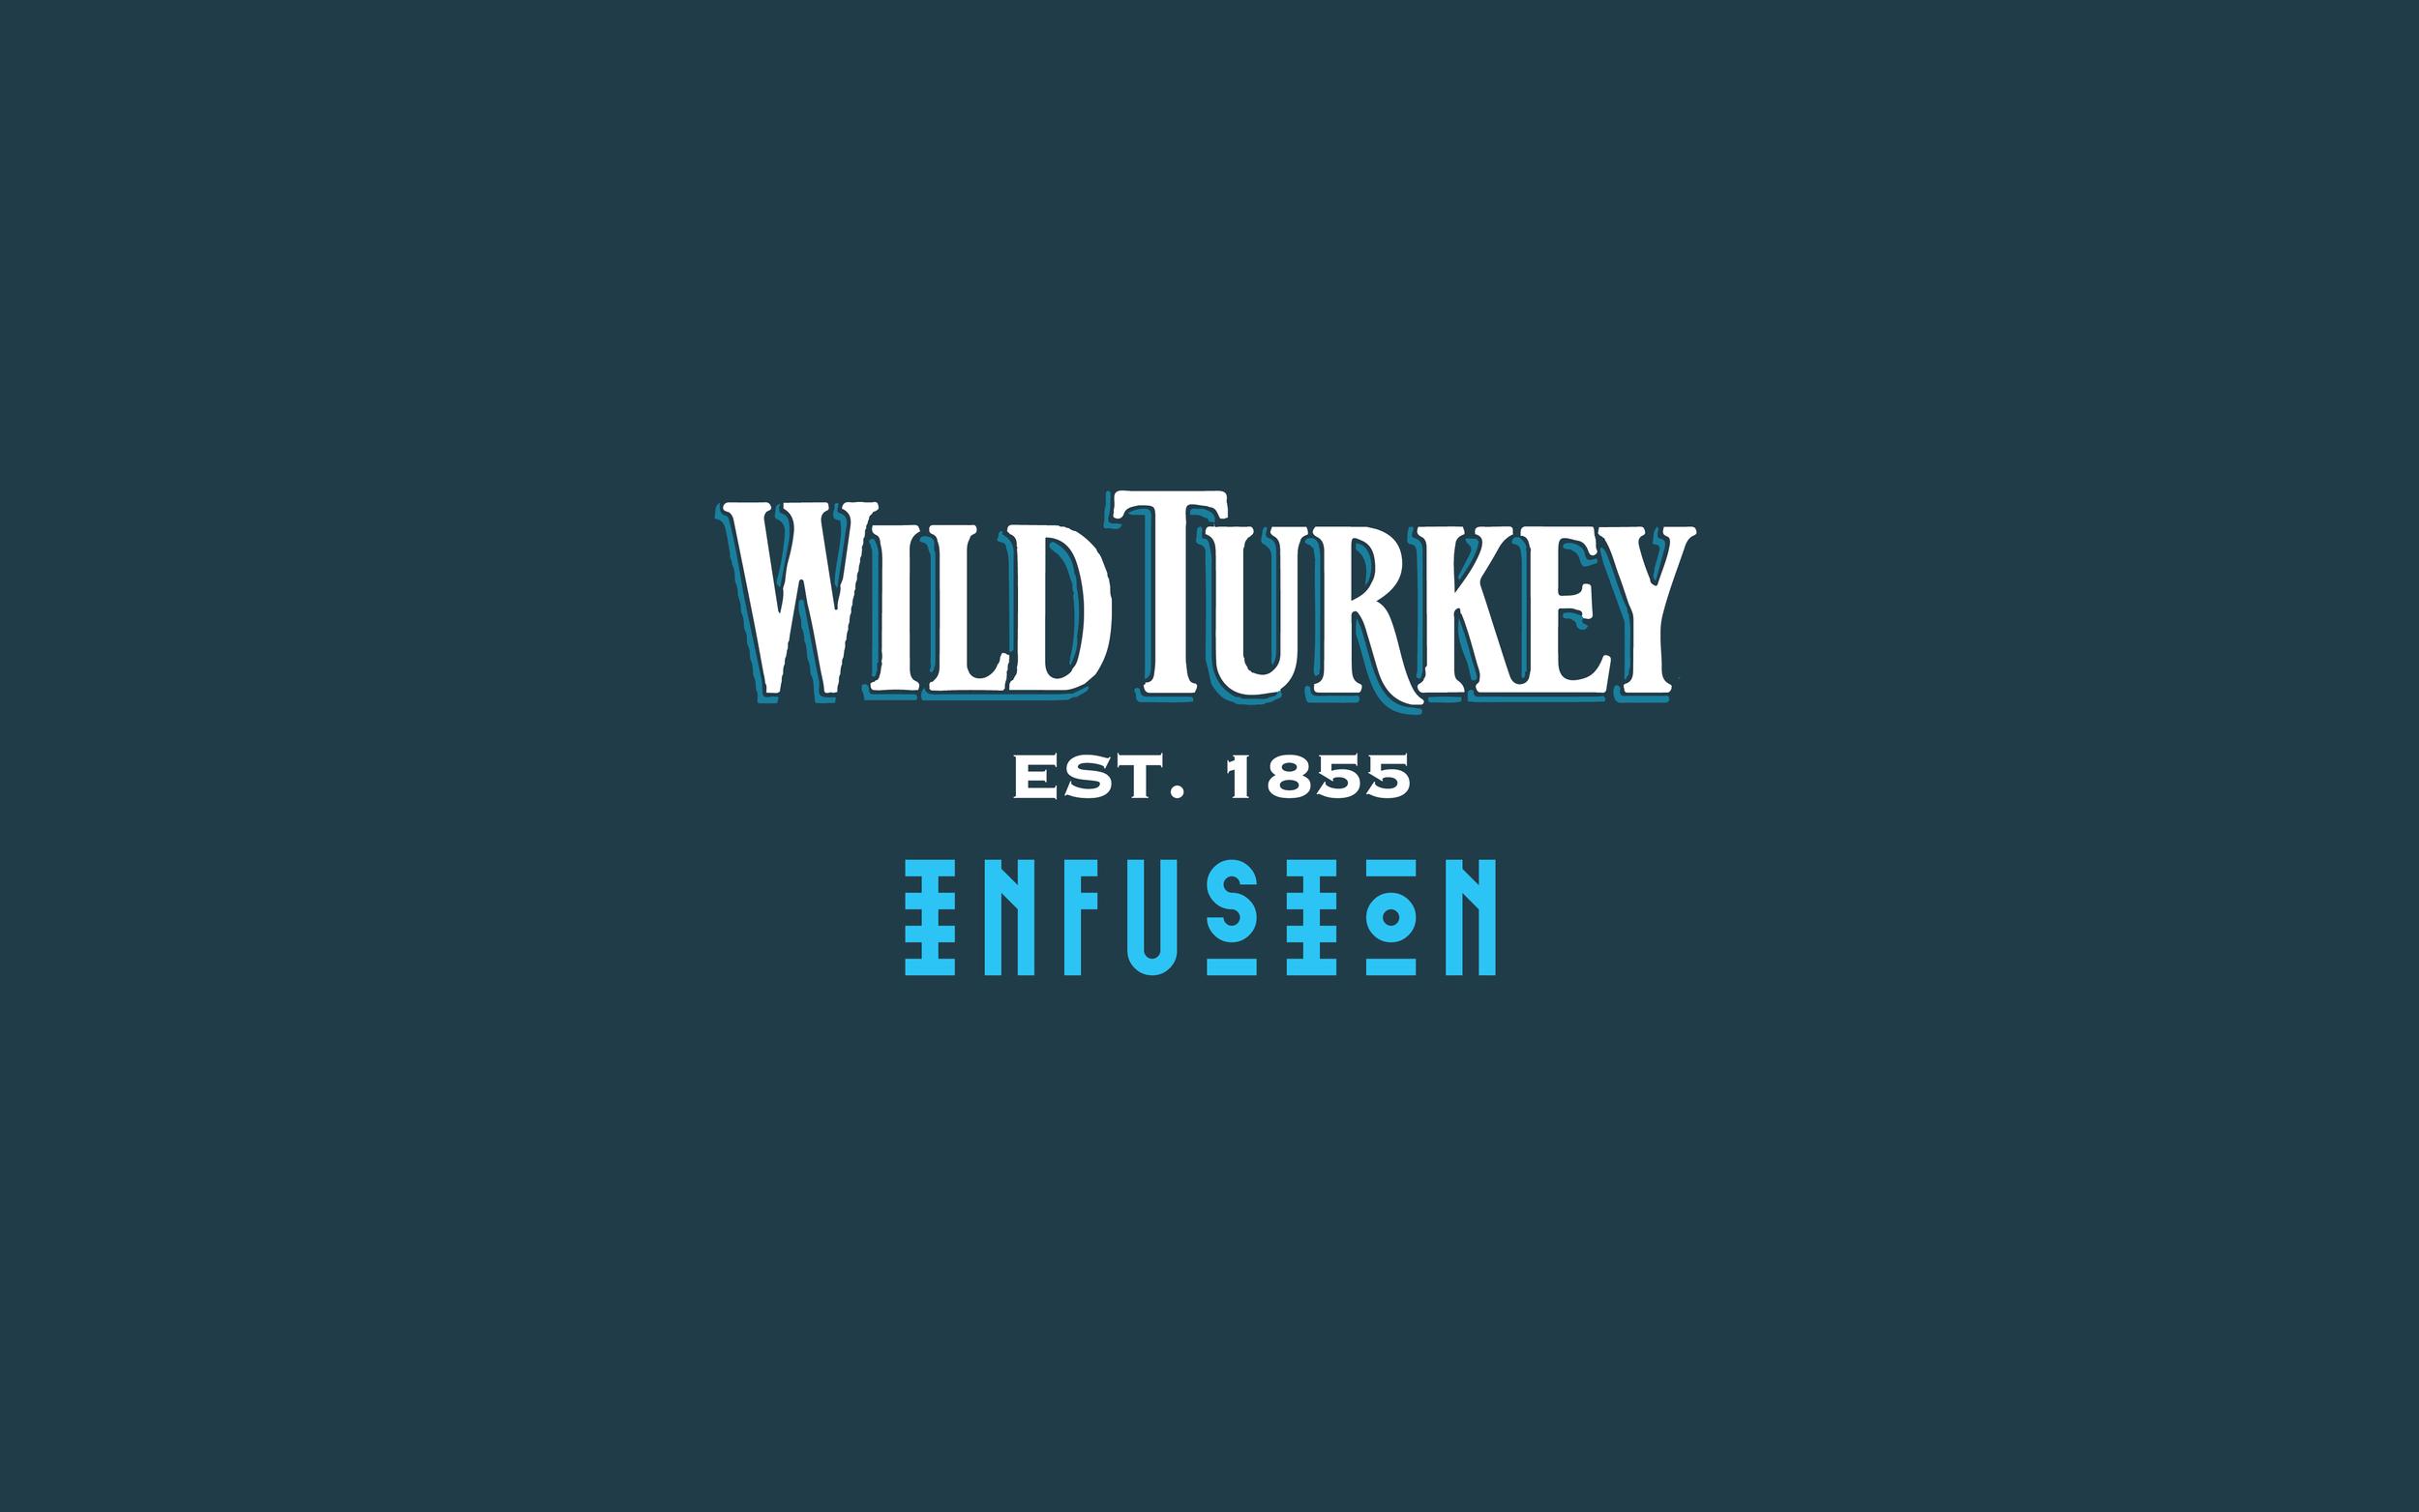 logo-website-01.png